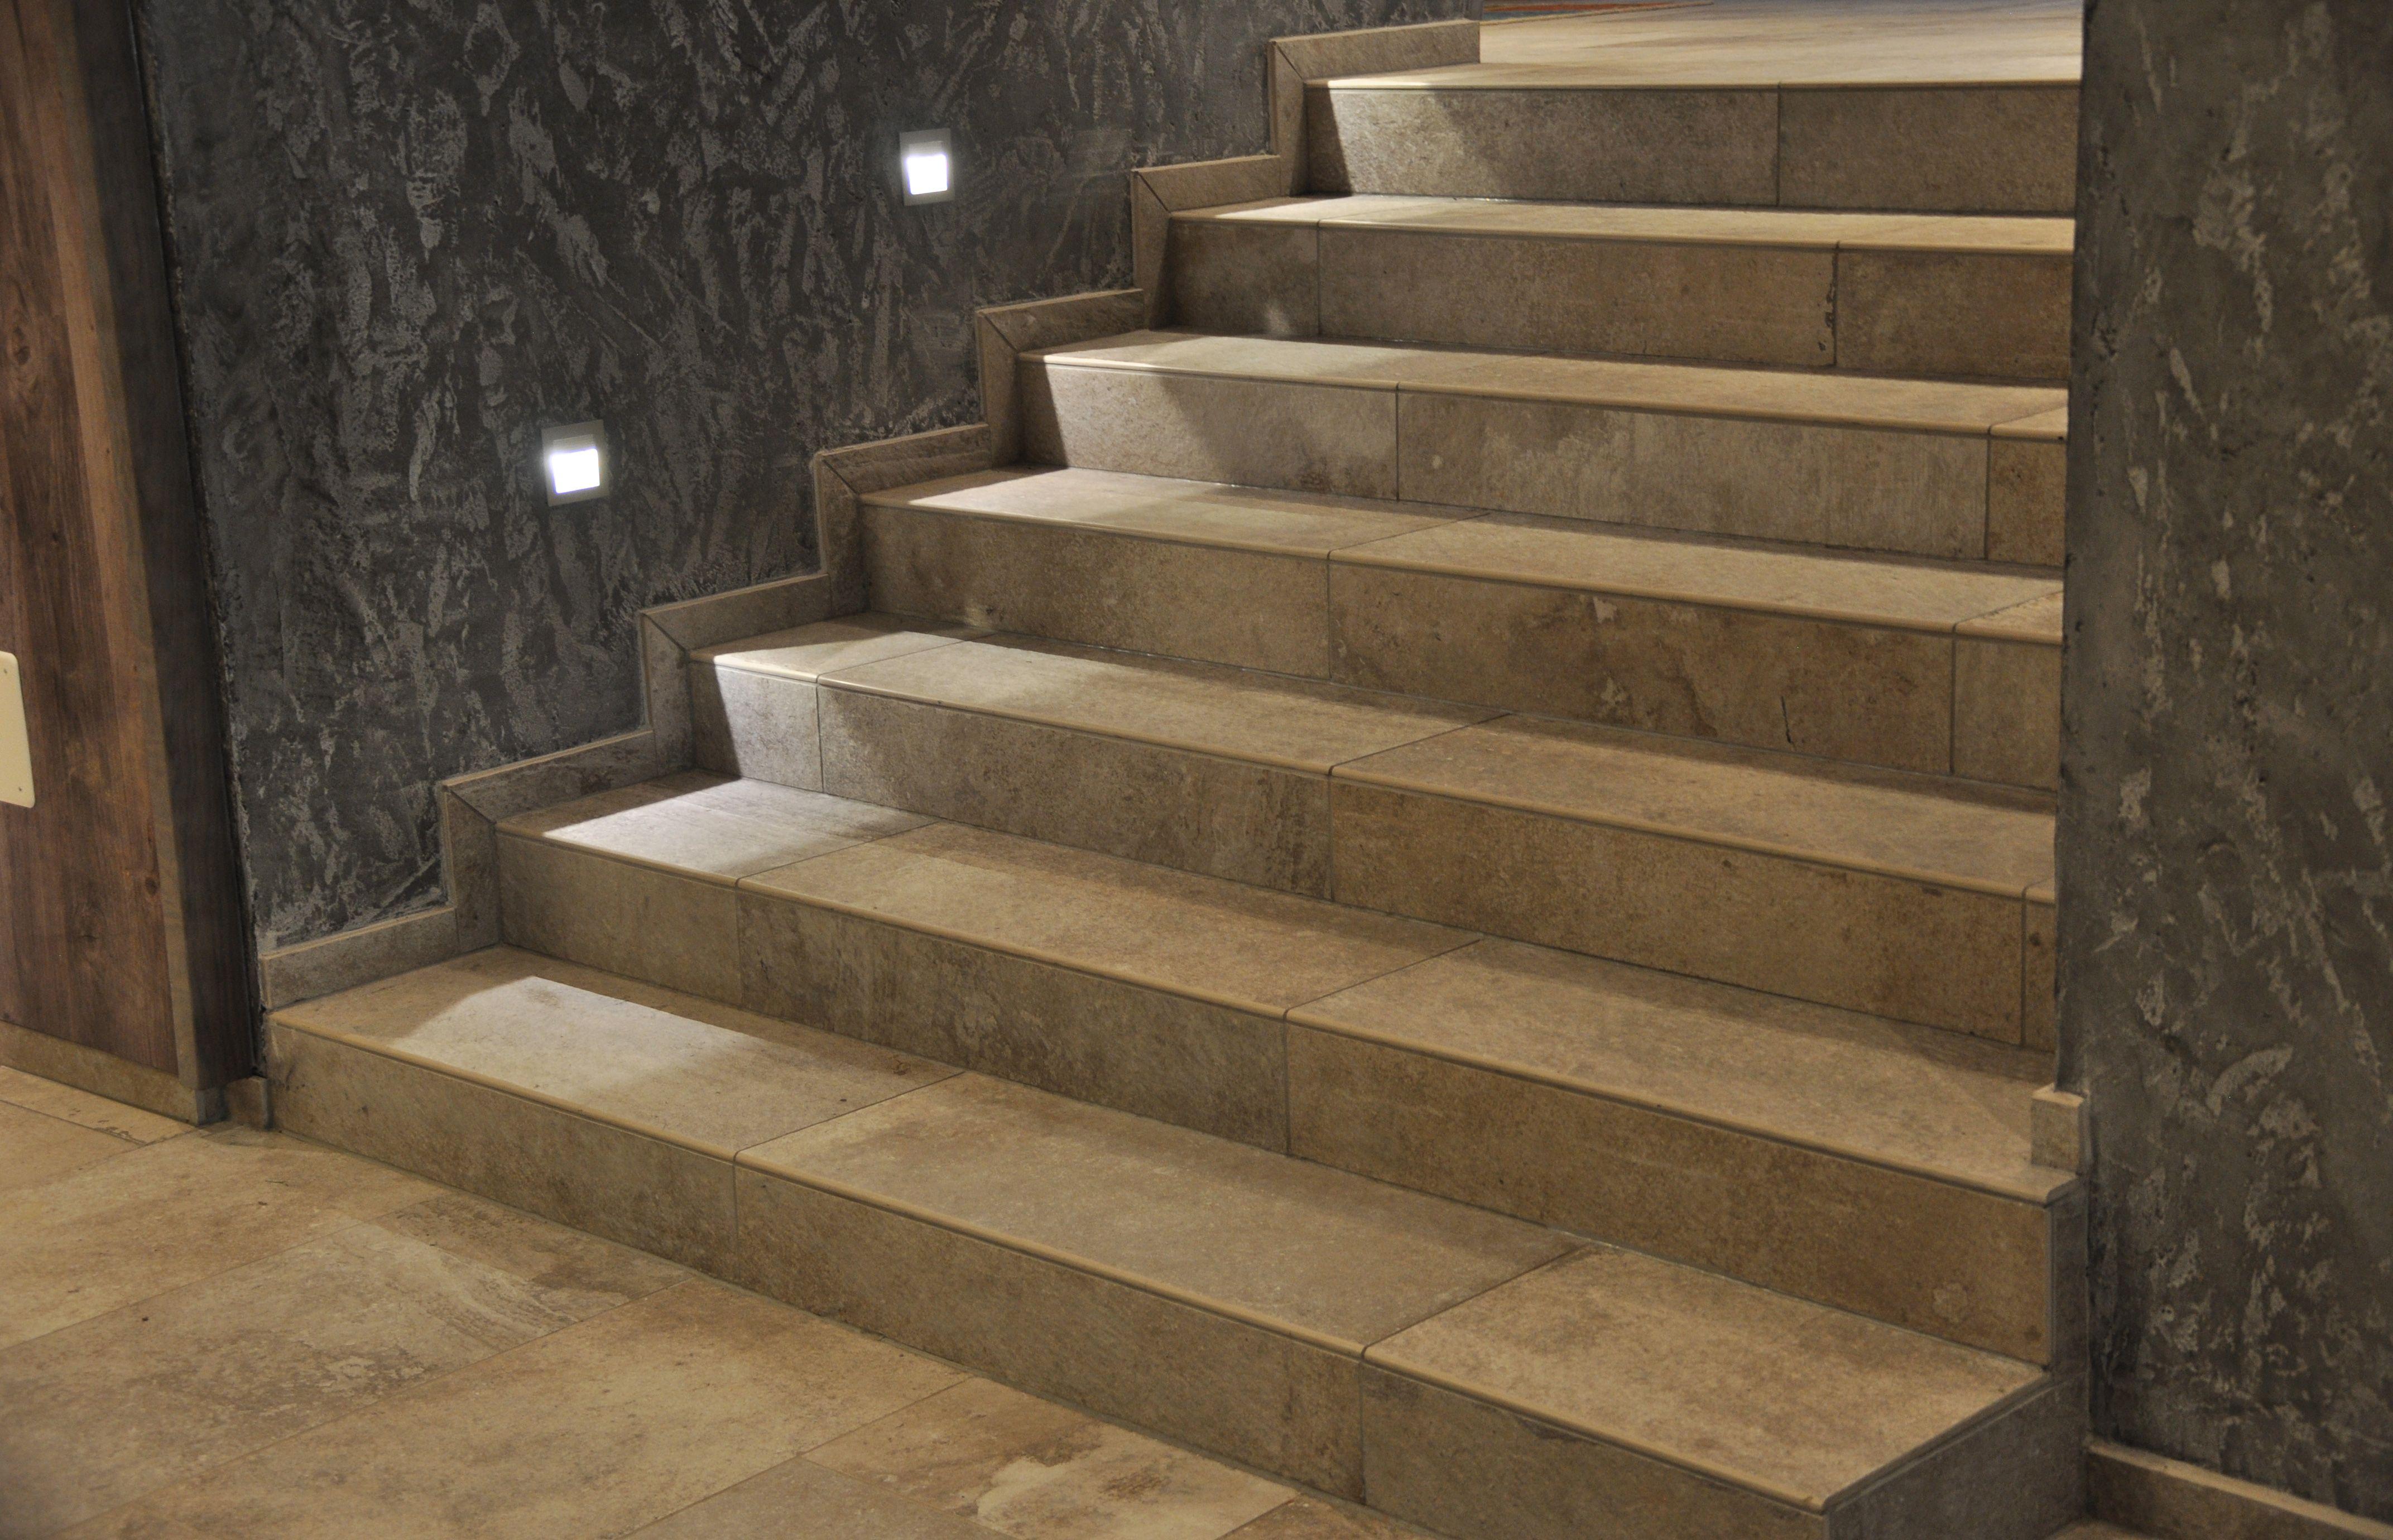 treppe aus feinsteinzeug fliesen mal nicht im fugenschnitt verlegt fliesen treppe fliesen. Black Bedroom Furniture Sets. Home Design Ideas